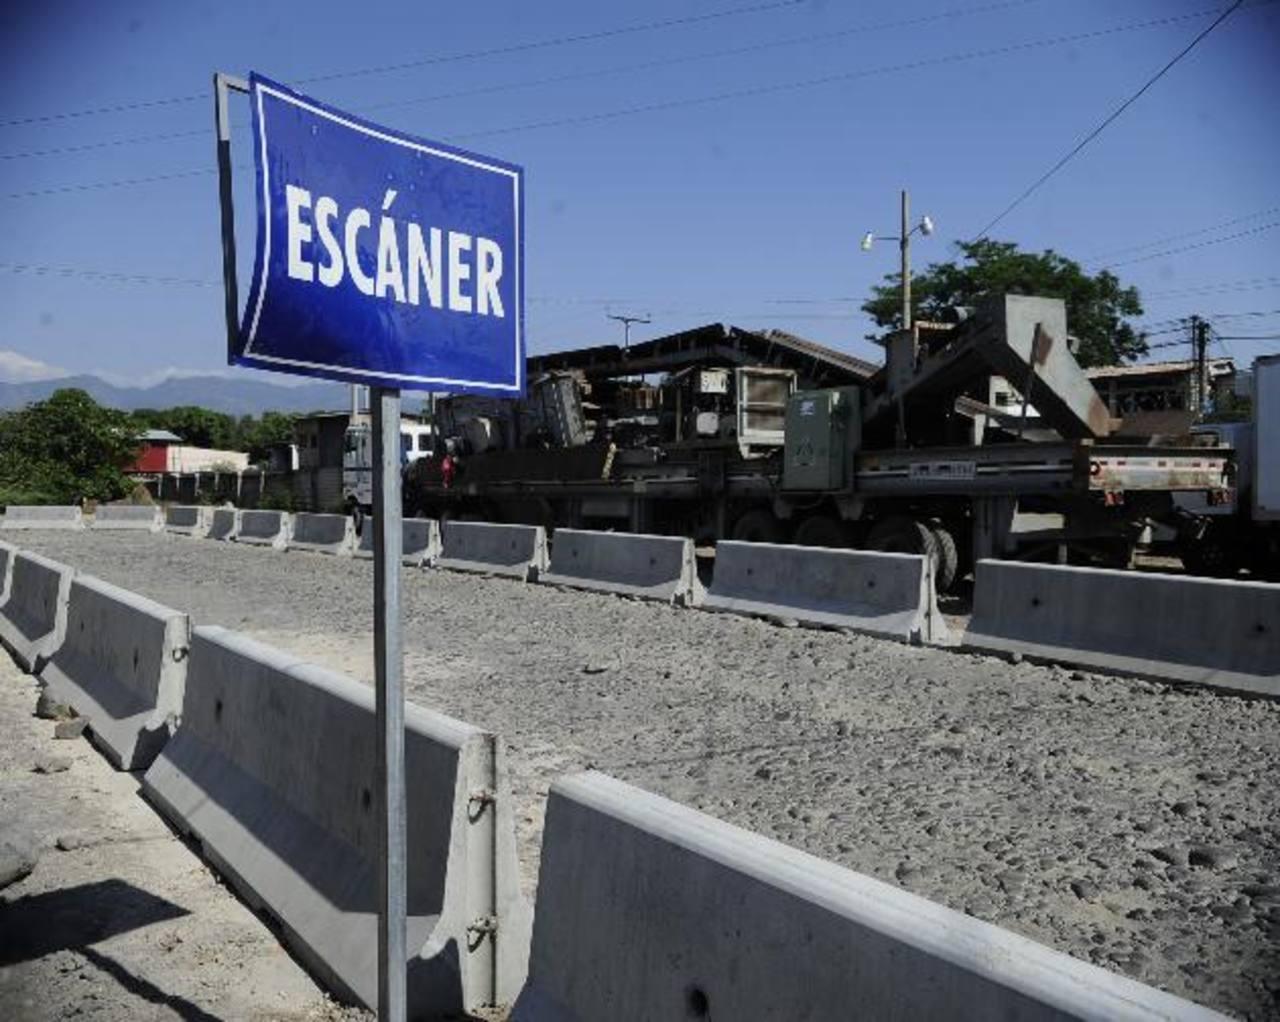 En las fronteras del país persisten las fallas en los sistemas informáticos, según denuncias de exportadores. EDH / rené quintanilla